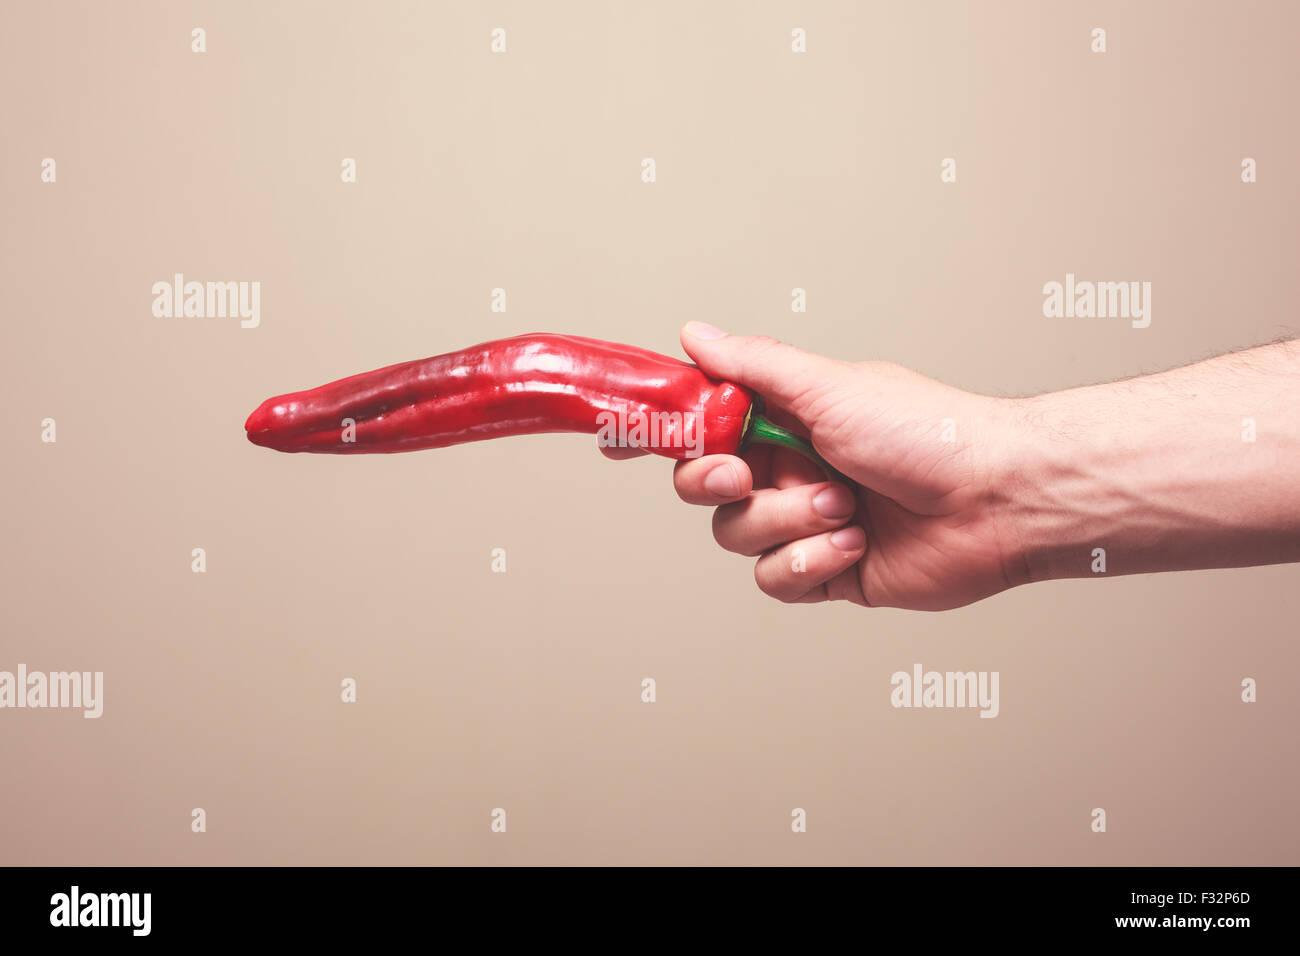 Una mano d'uomo è in possesso di un peperone rosso come una pistola Immagini Stock